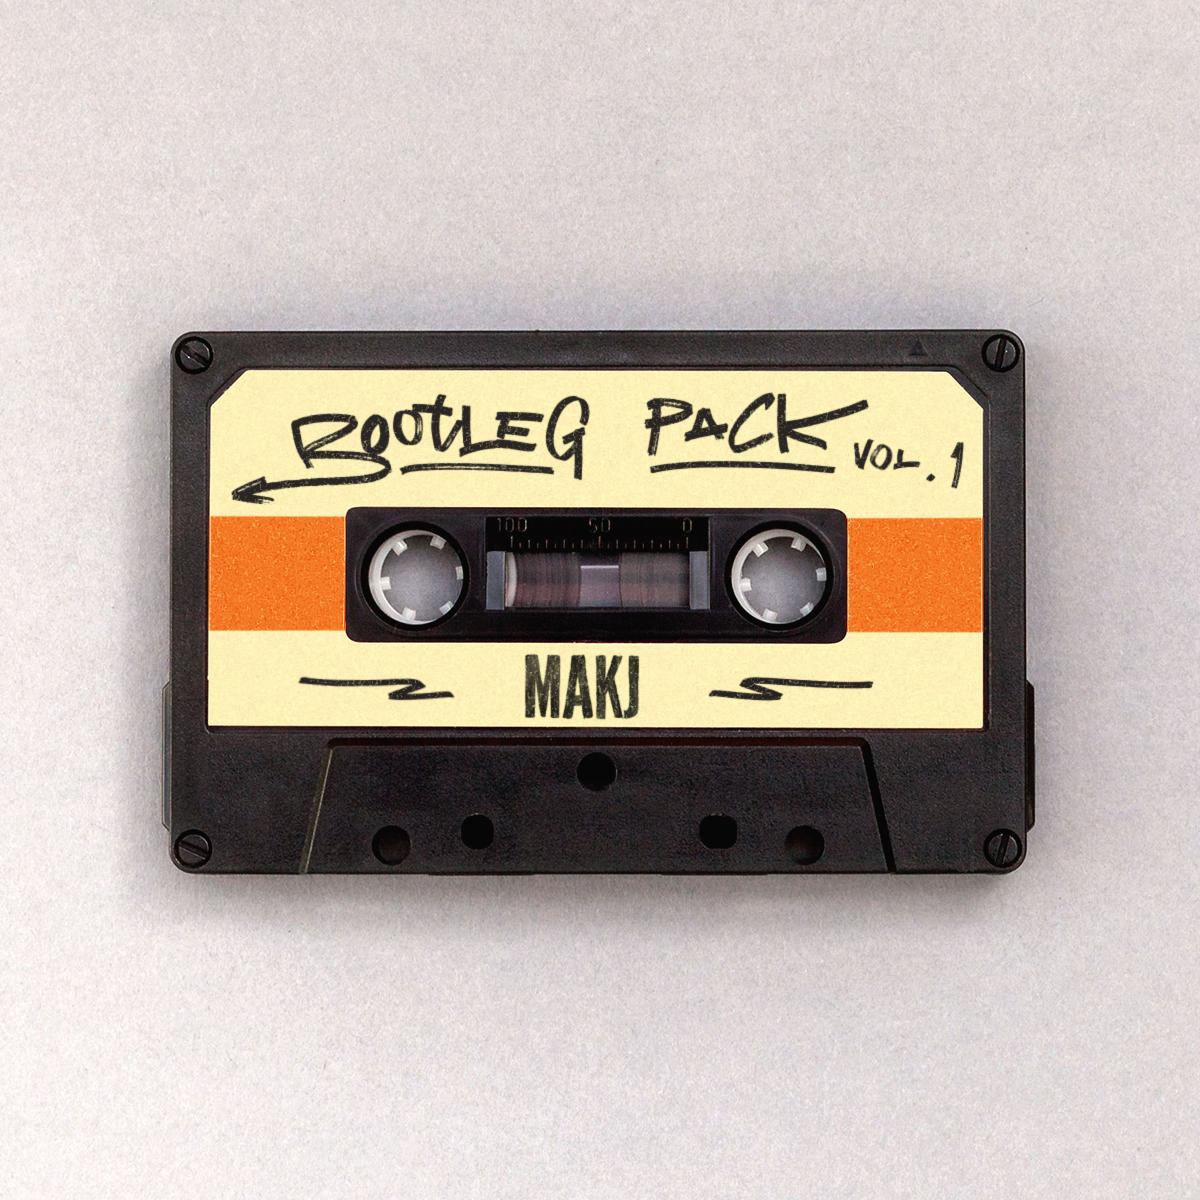 BootlegPackVol1.jpg